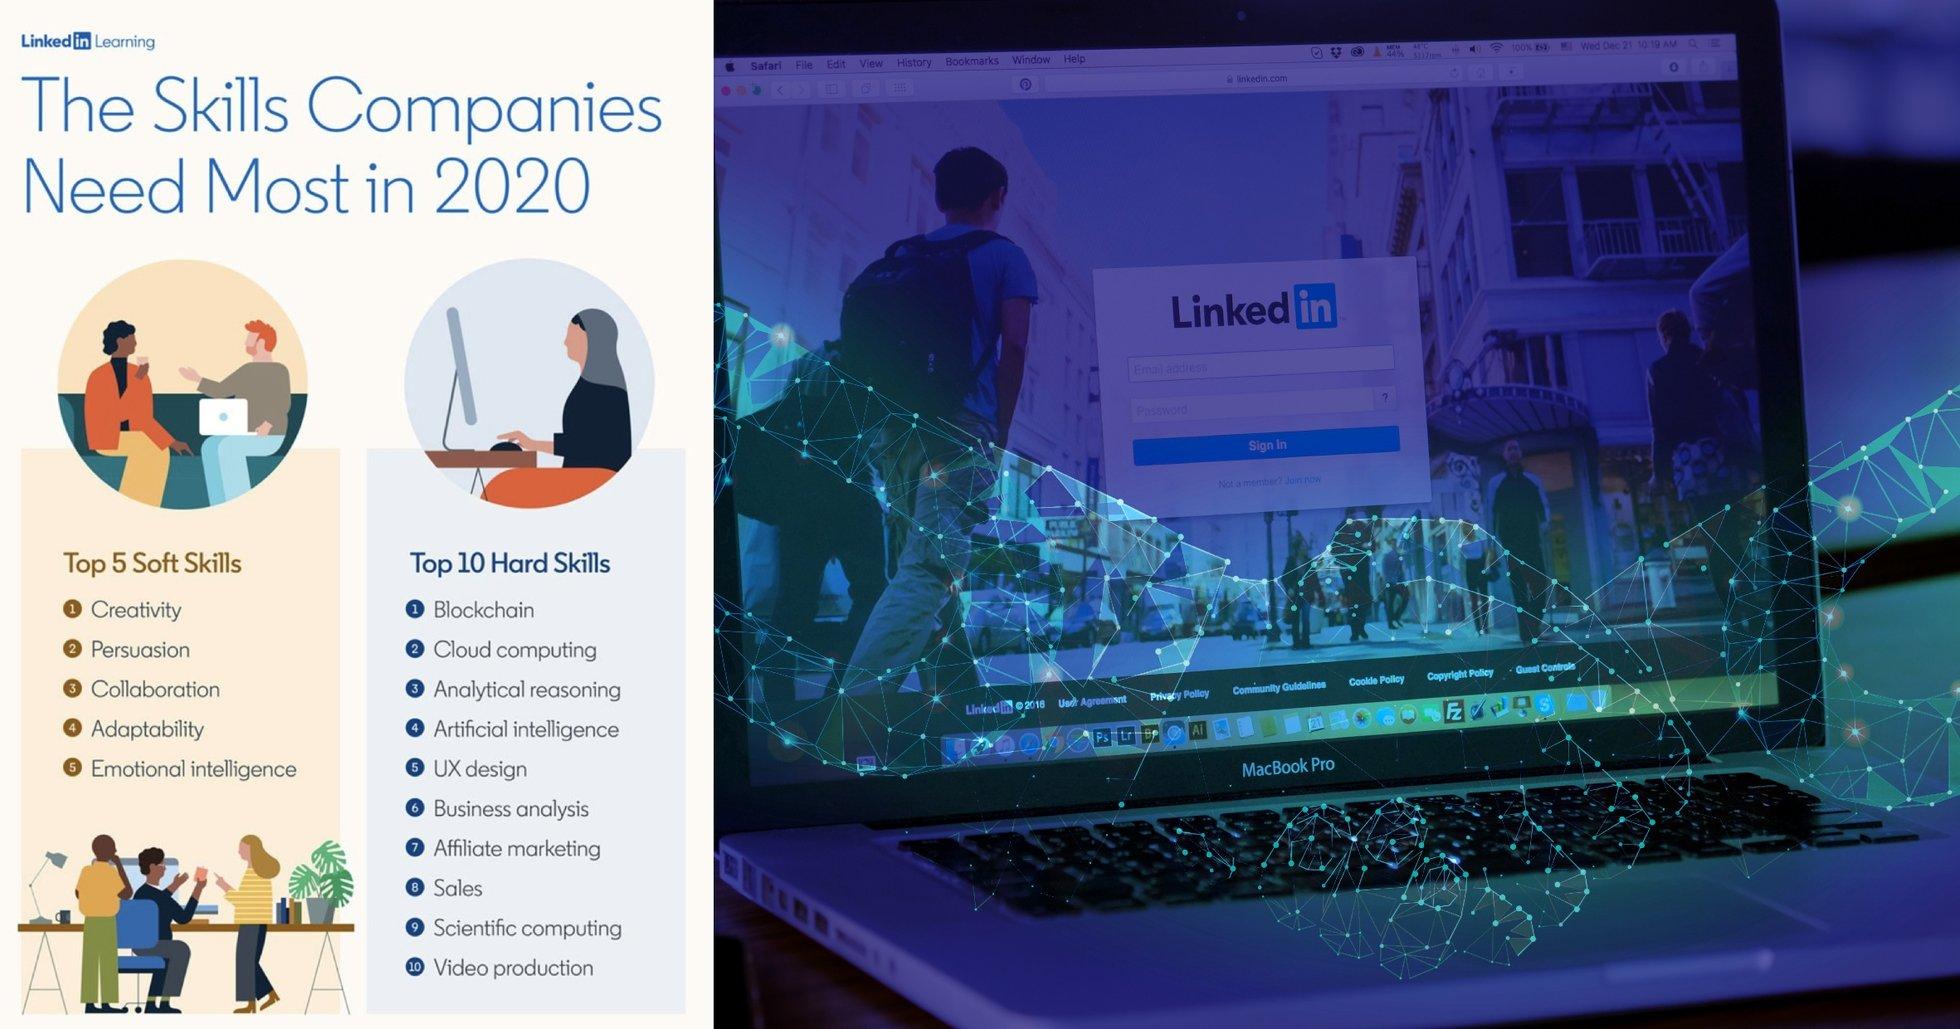 Kunskap om blockkedjor toppar Linkedins lista över kompetenser företagen behöver